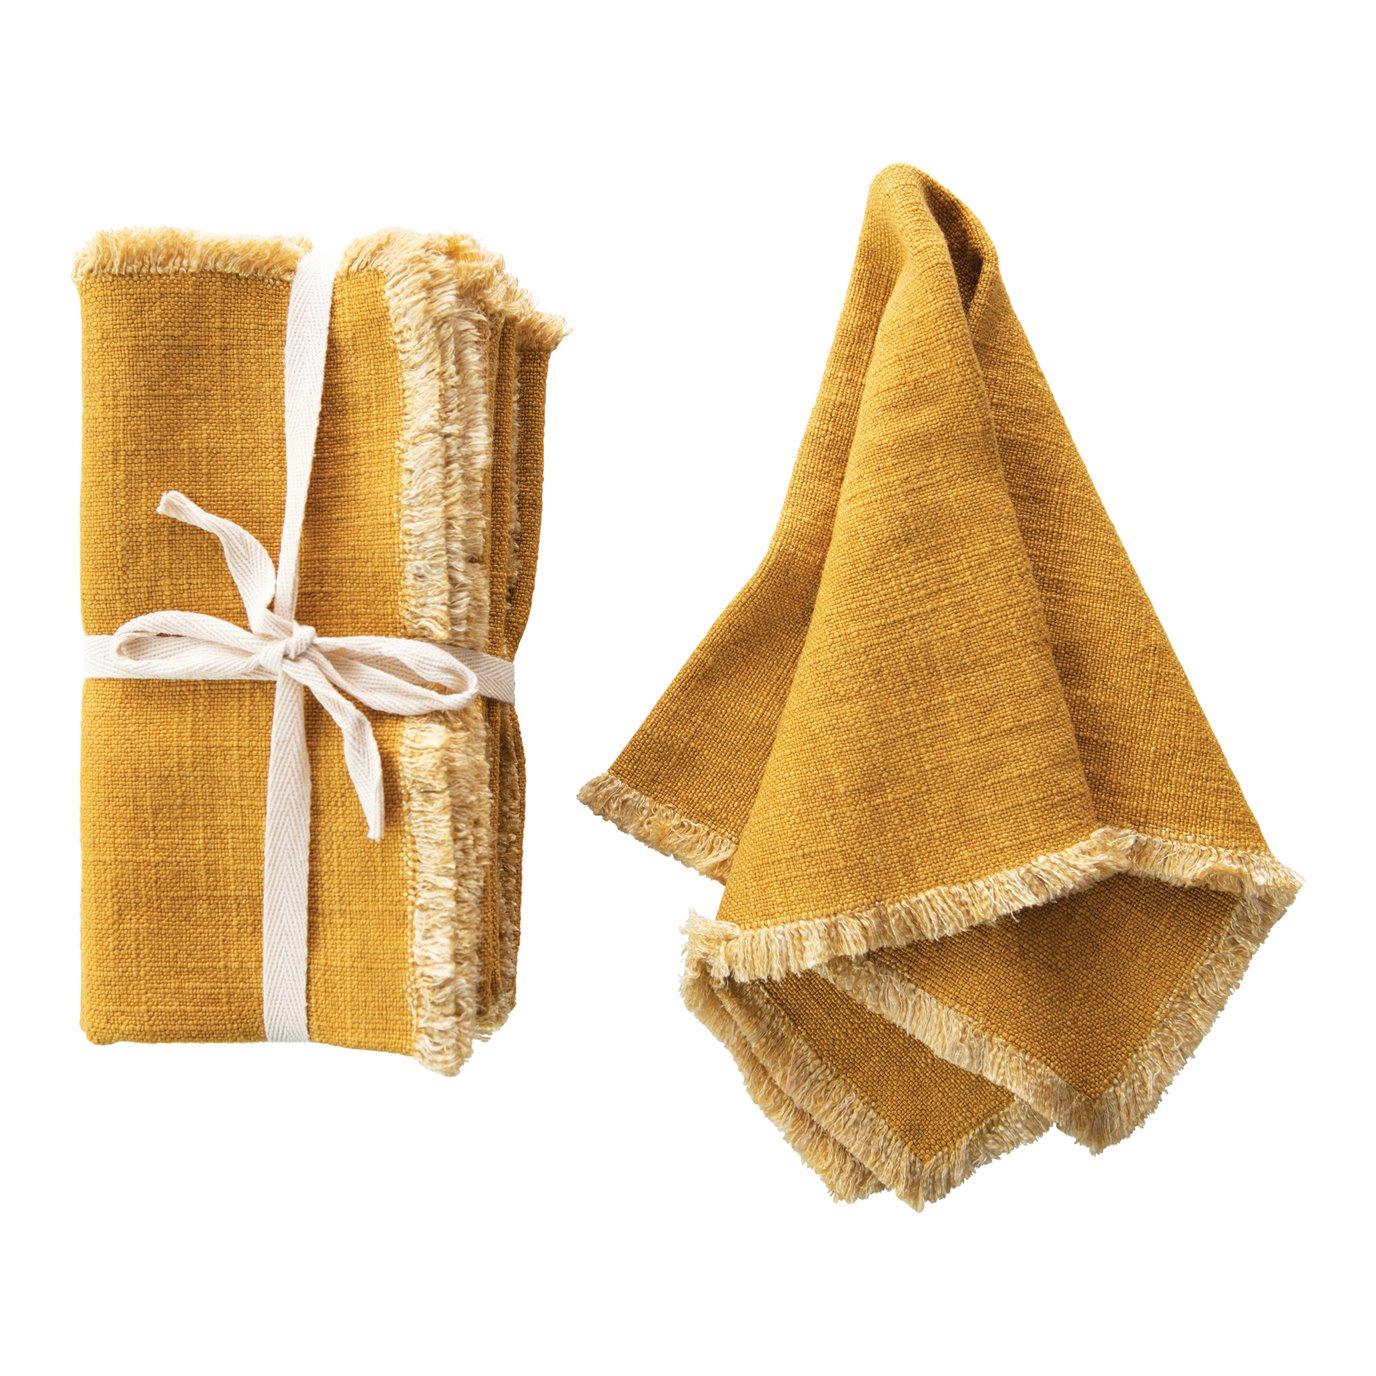 Mustard Square Linen Blend Napkin with Fringe Trim (Set of 4)